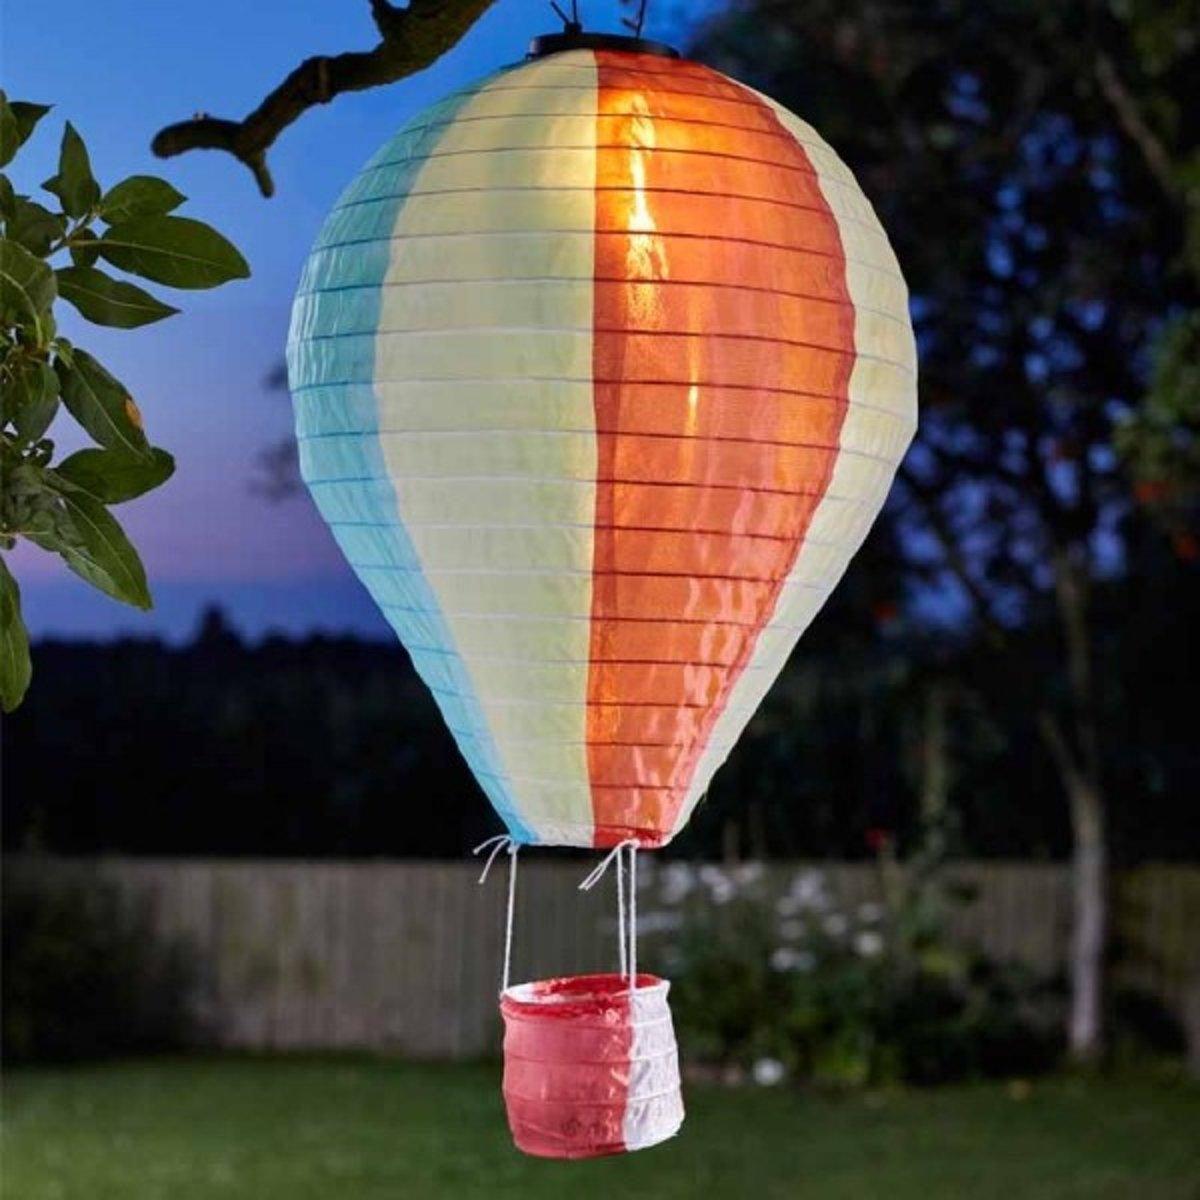 Luchtballon met ledverlichting kopen